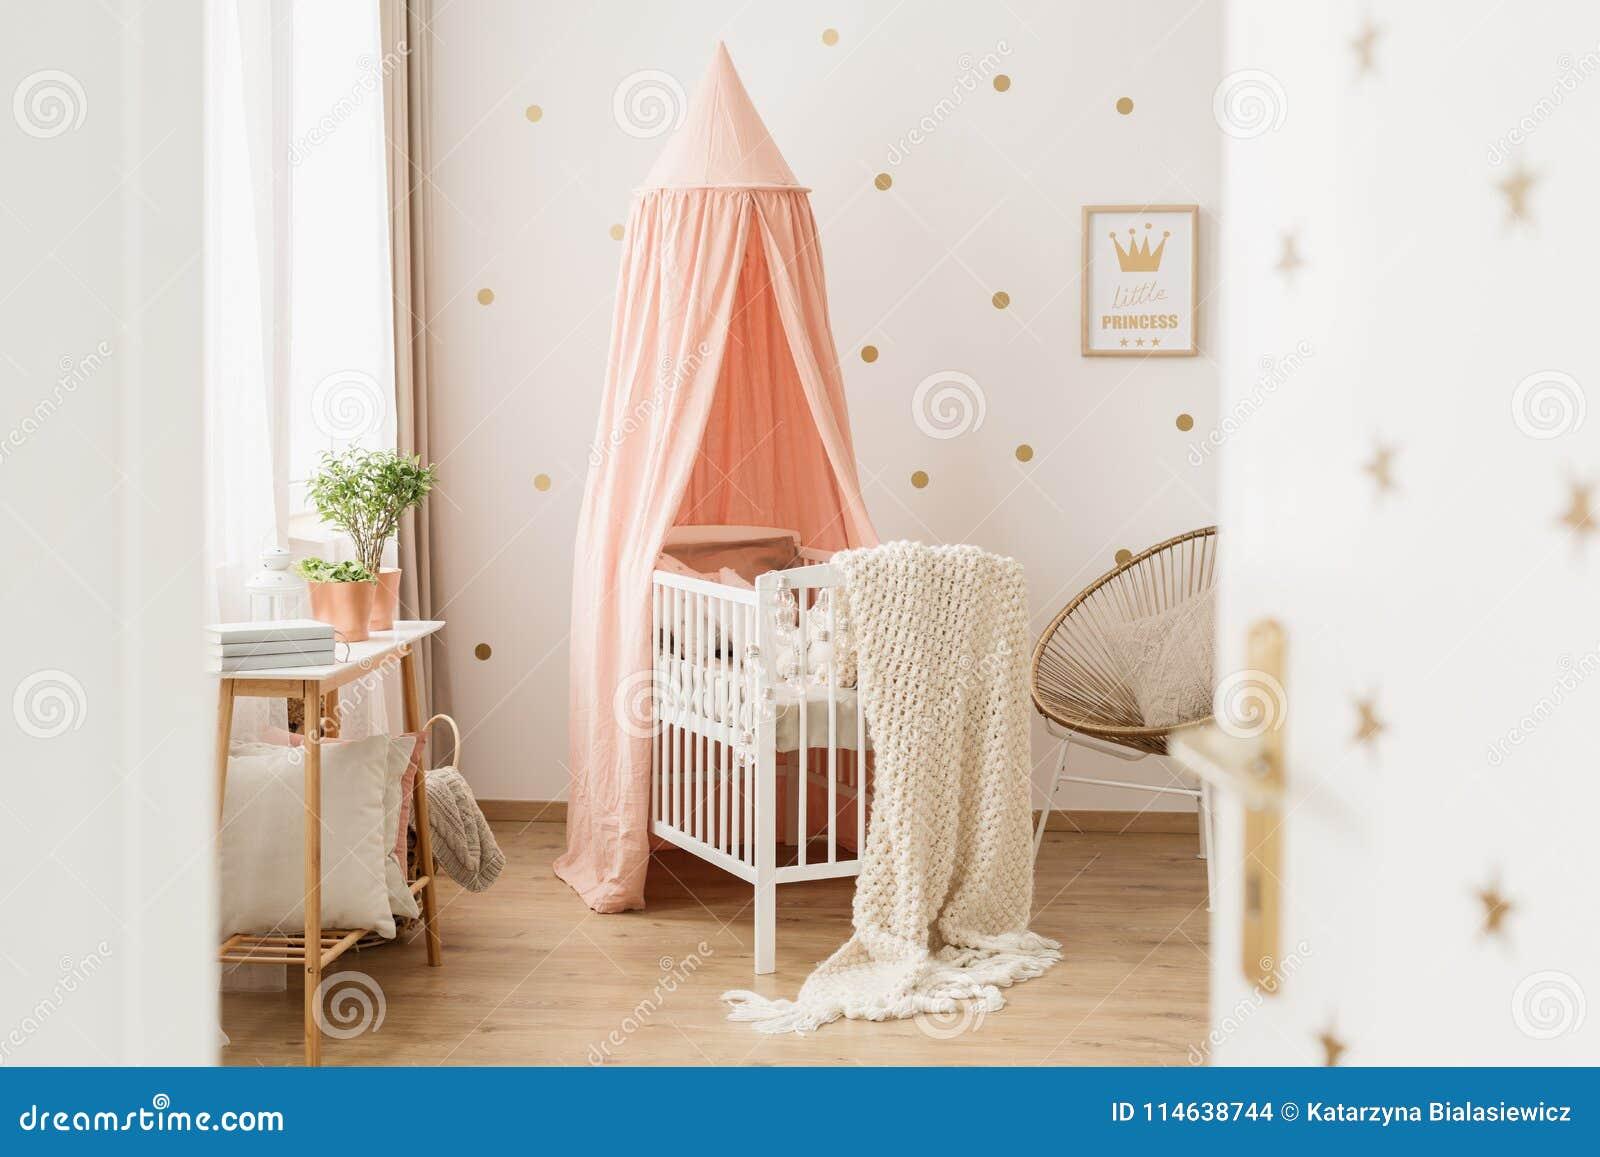 Open Door To Pink Nursery Stock Photo Image Of Peach 114638744